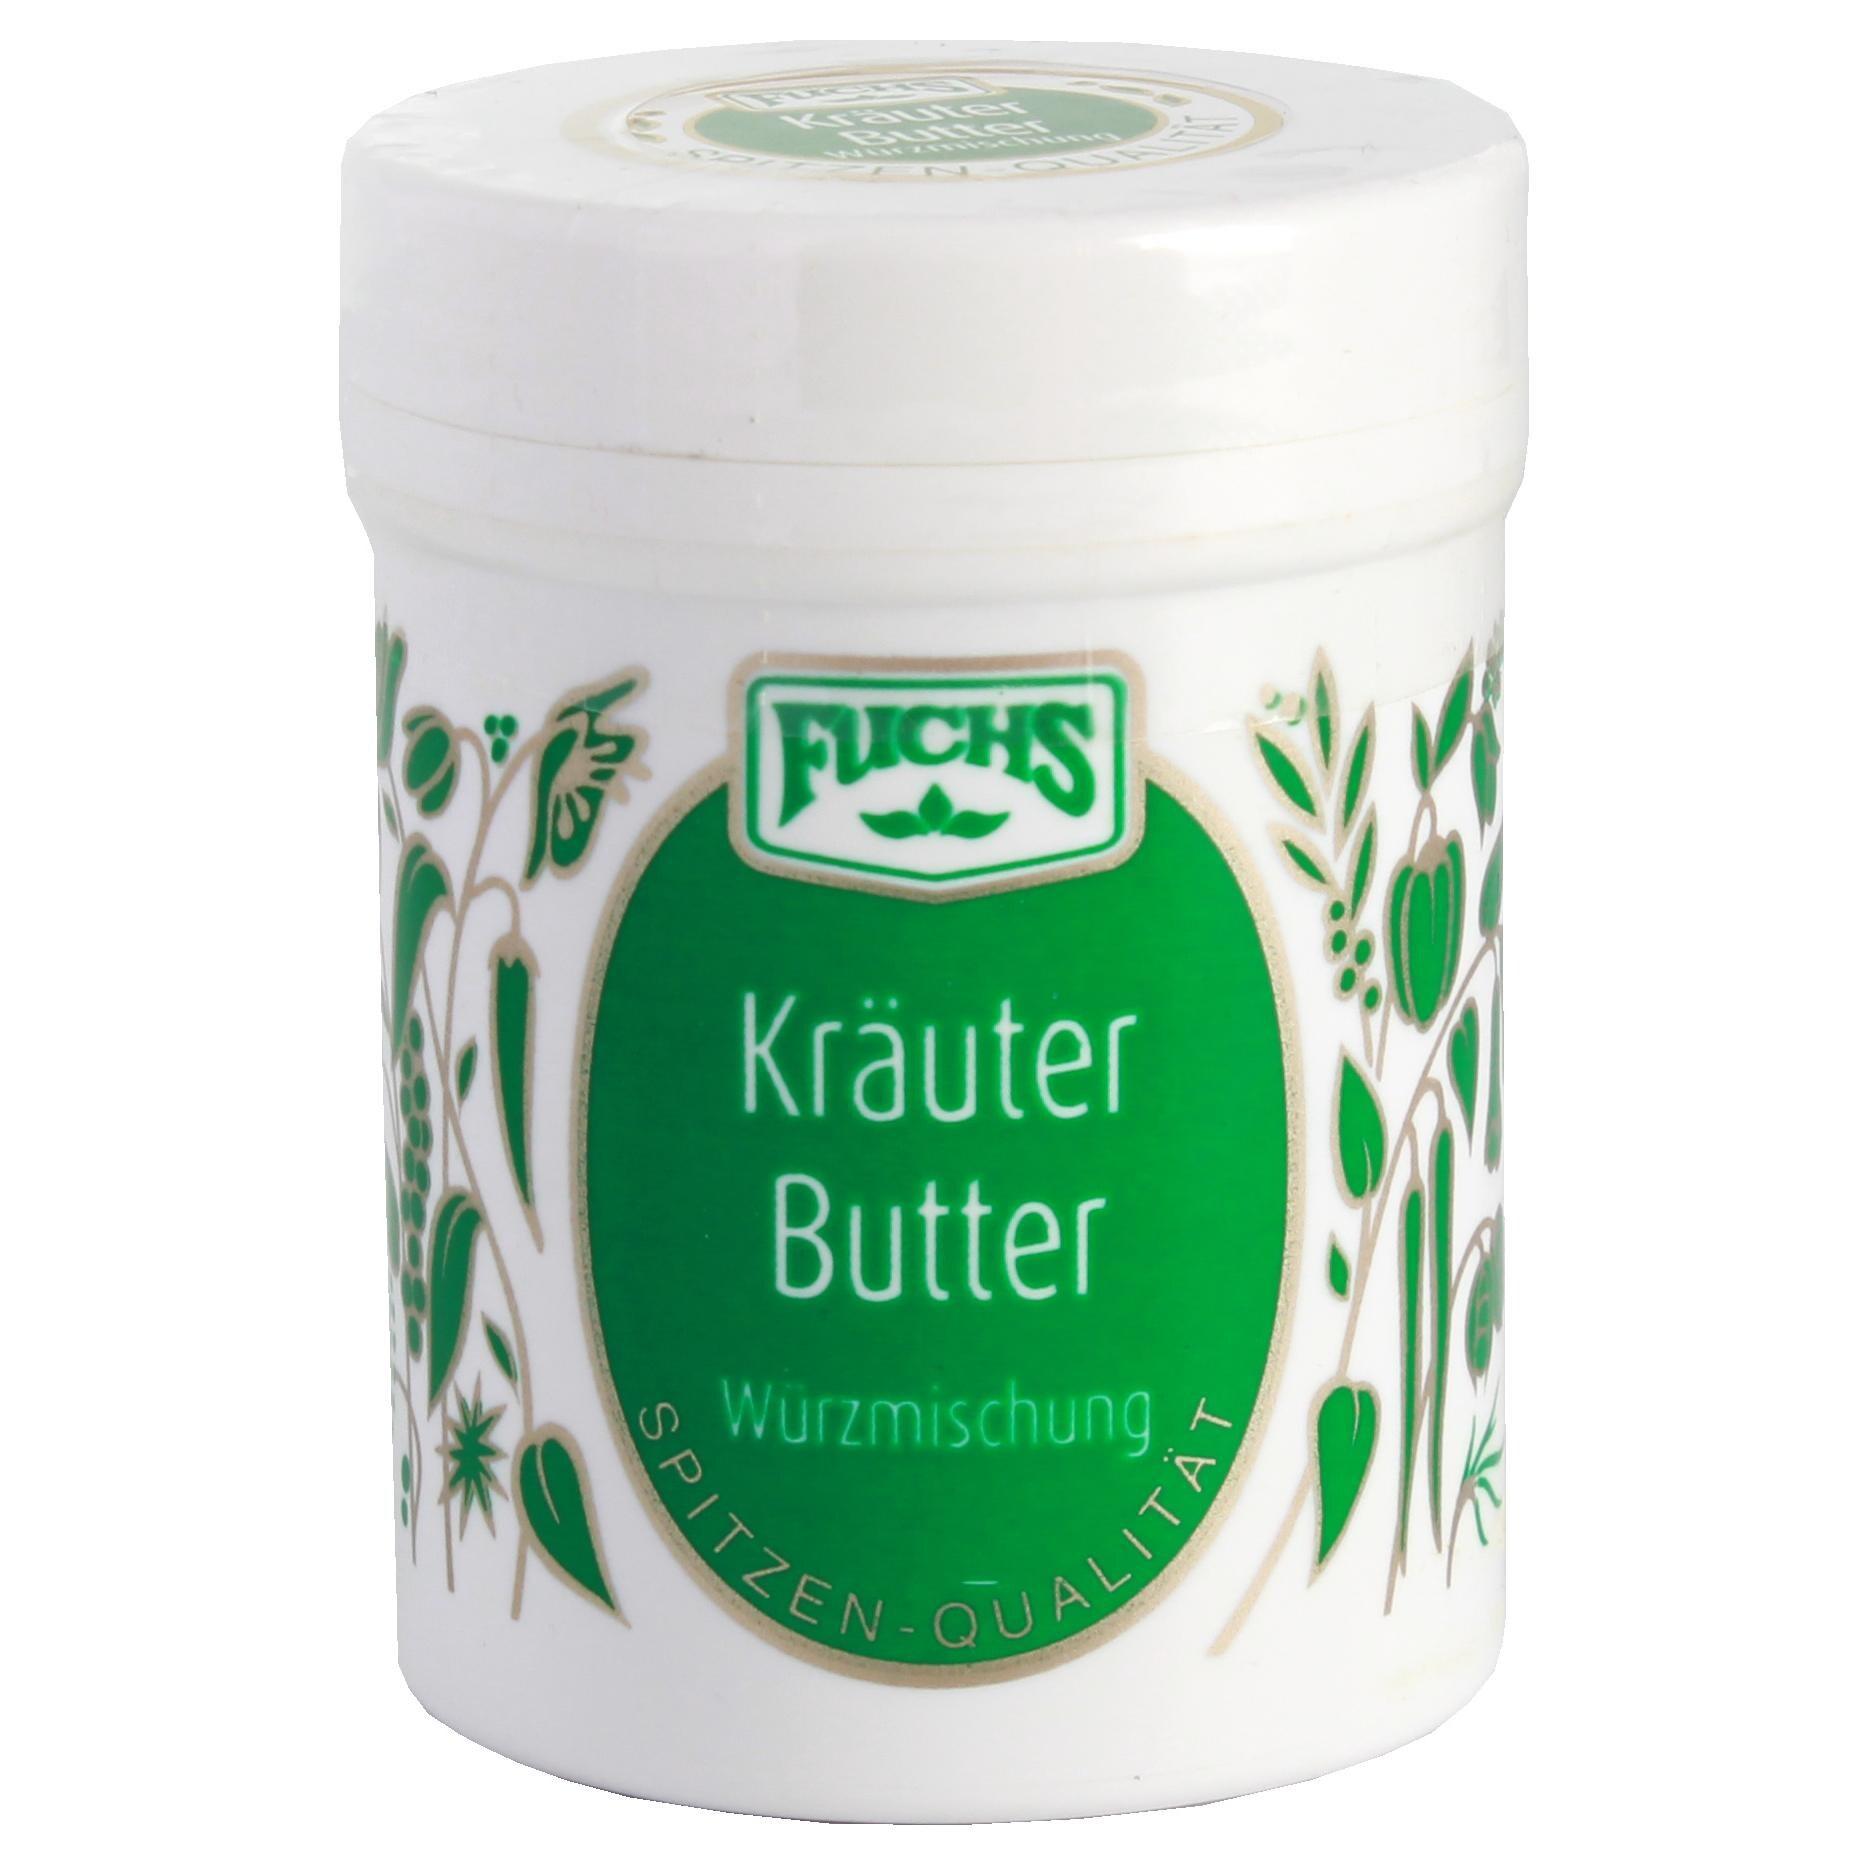 Fuchs - Kräuter Butter Würzmischung - 70g